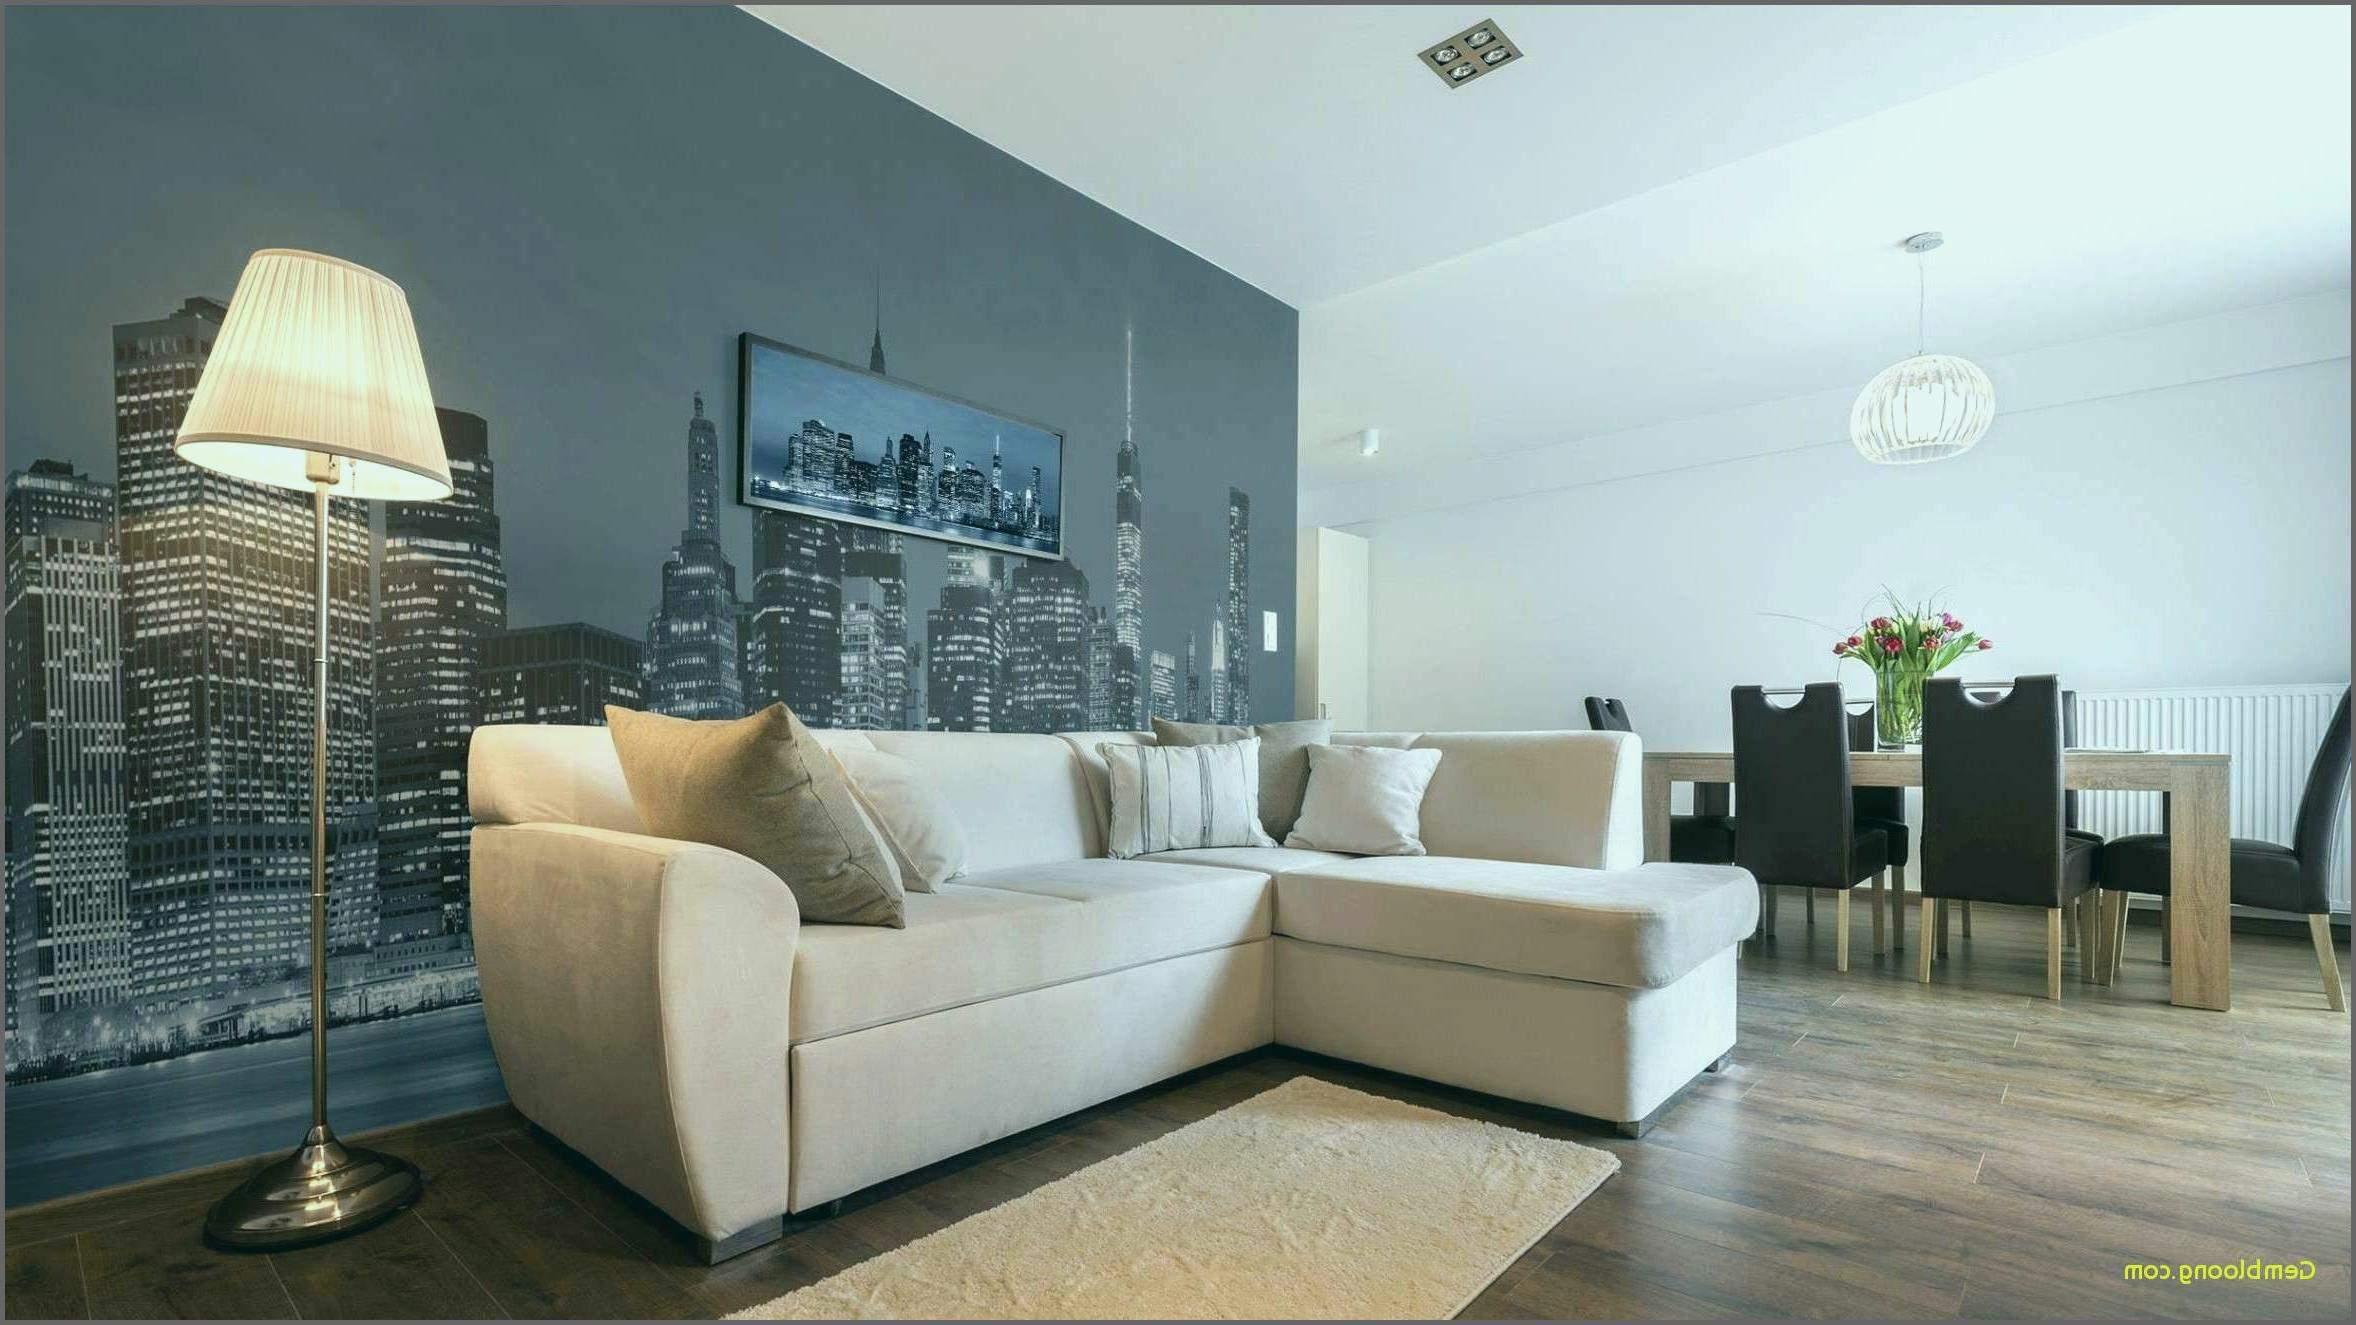 deko bilder wohnzimmer genial 32 fantastisch und makellos wohnzimmer wand dekorieren of deko bilder wohnzimmer